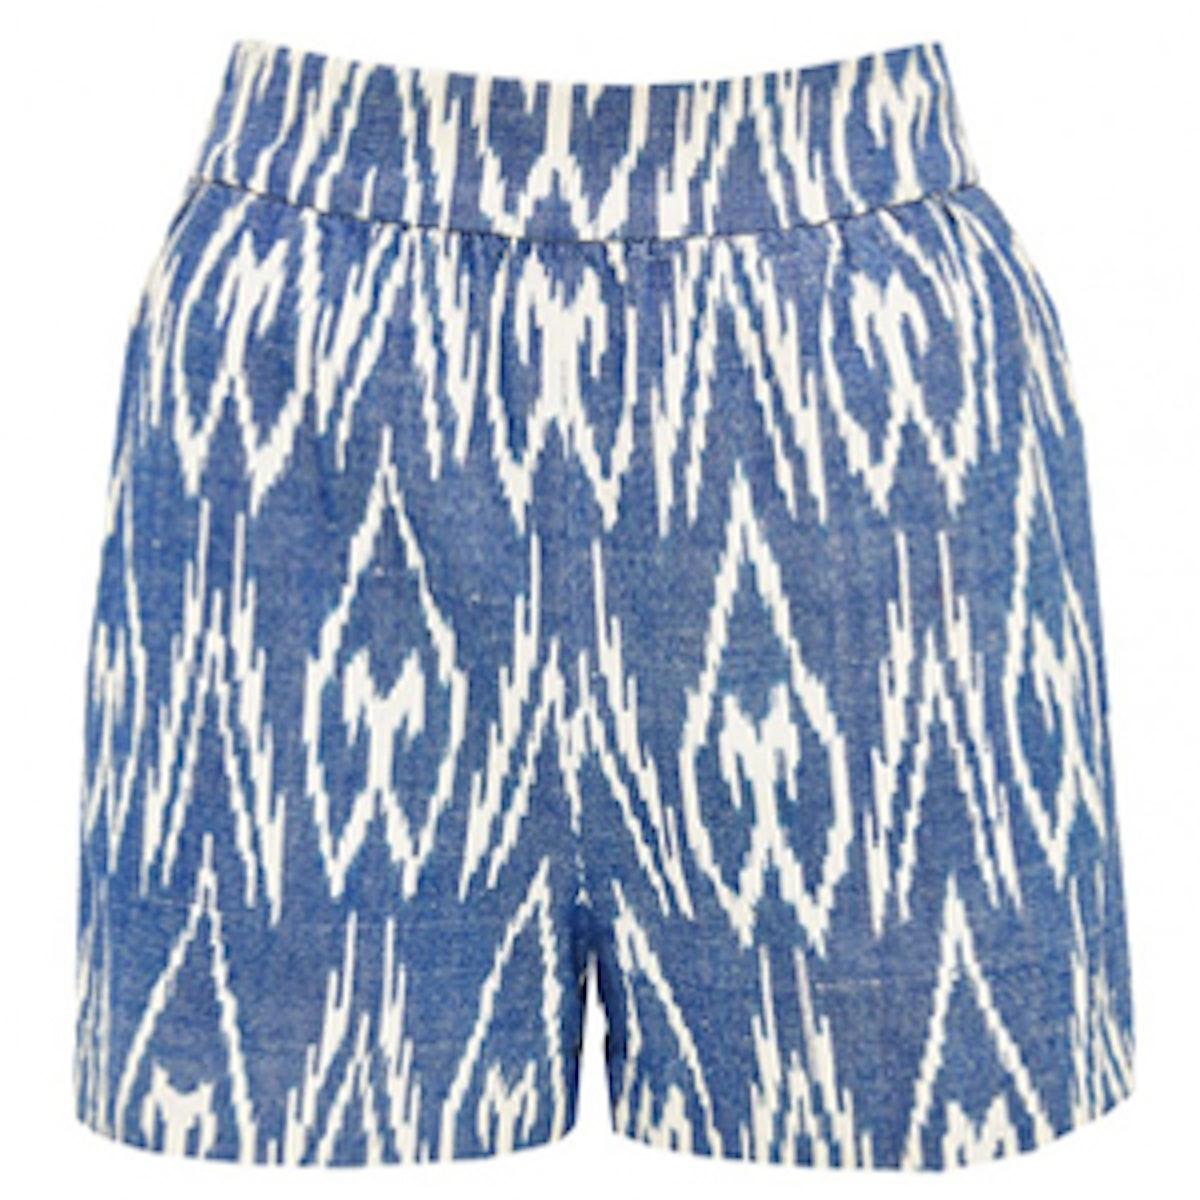 Gathered Shorts